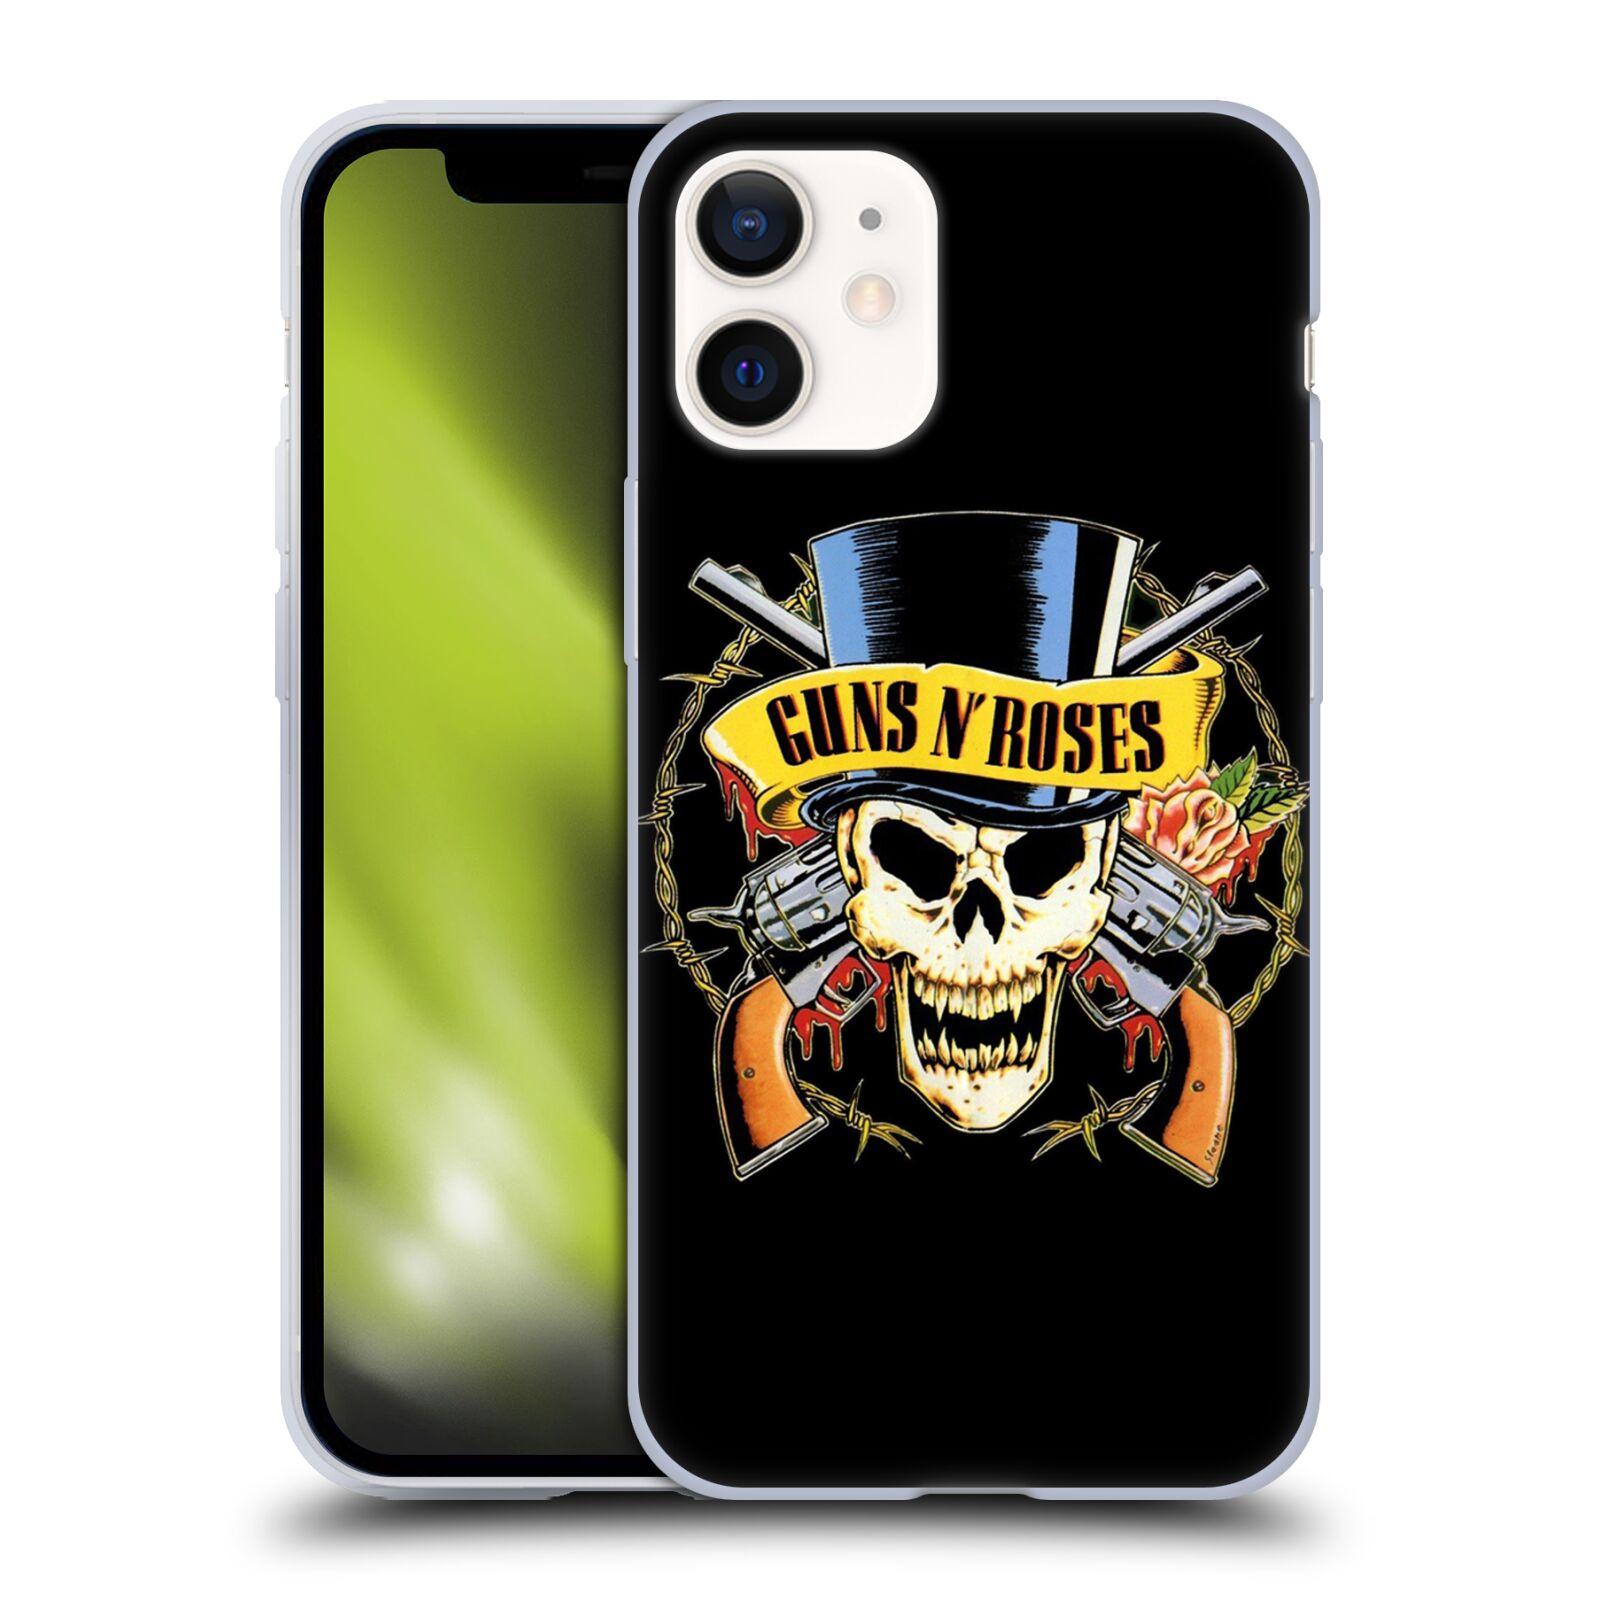 Silikonové pouzdro na mobil Apple iPhone 12 Mini - Head Case - Guns N' Roses - Lebka